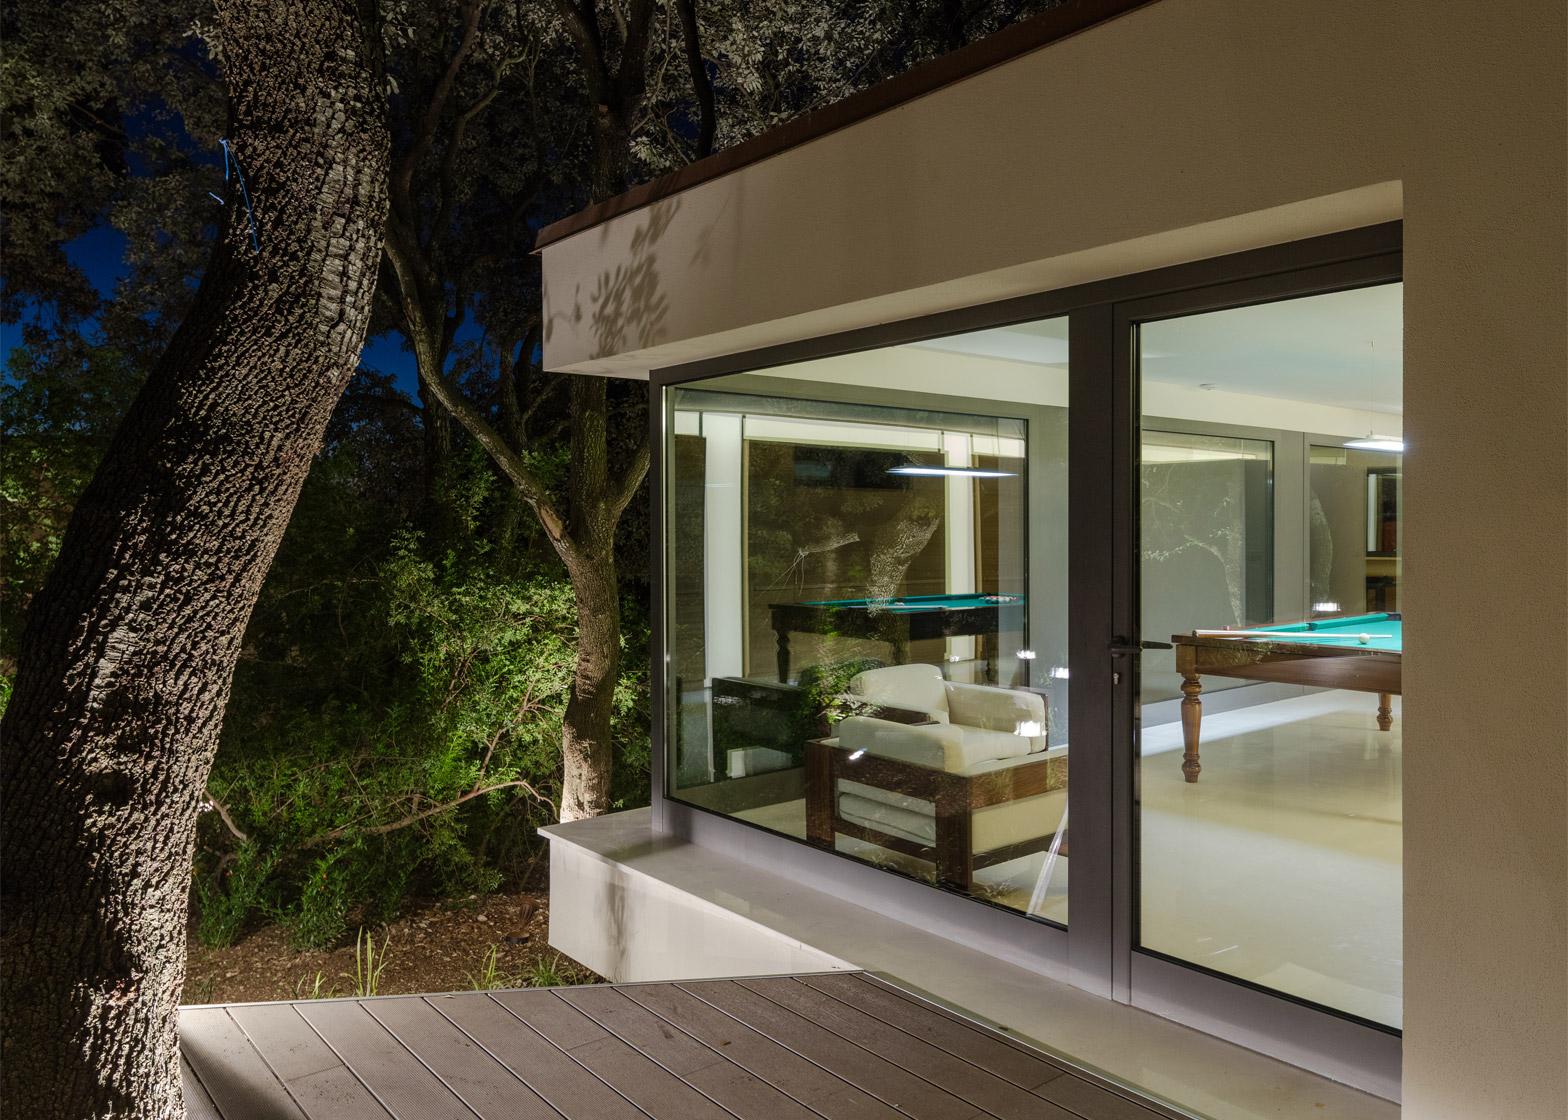 Casa nel Bosco by Officina29 Architetti